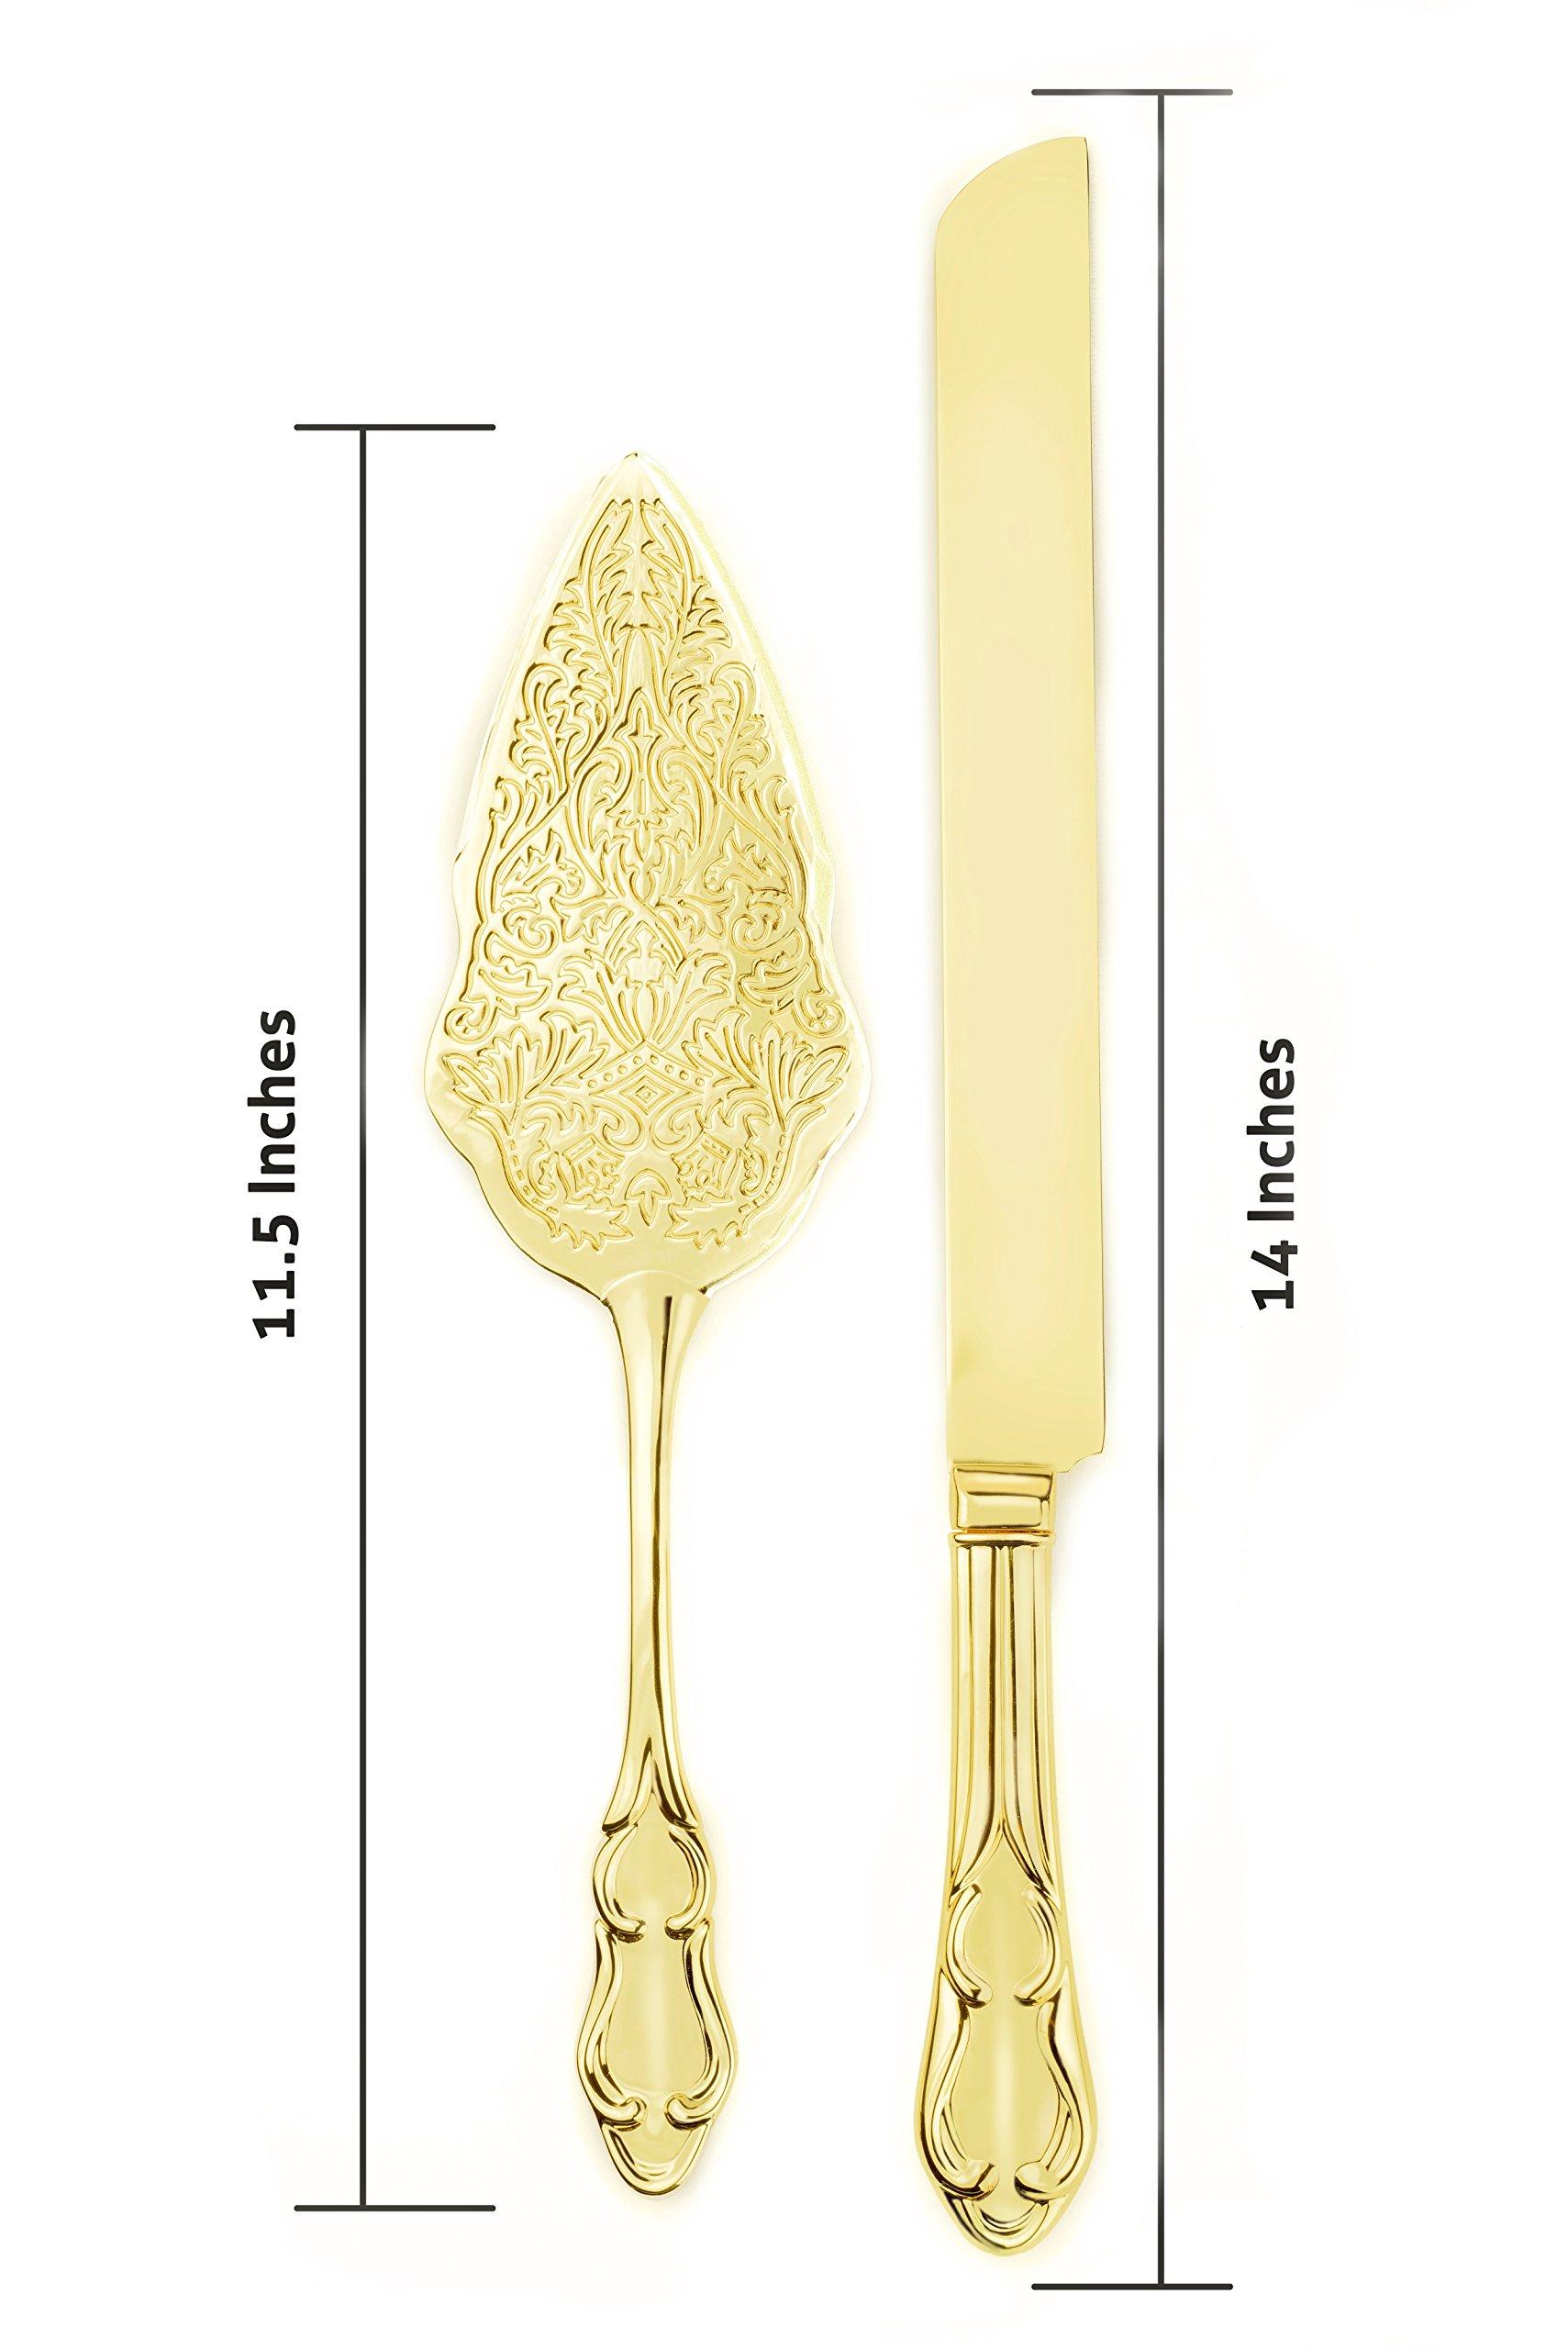 Strova Gold Wedding Cake Knife and Server Set | Vintage Bride and ...